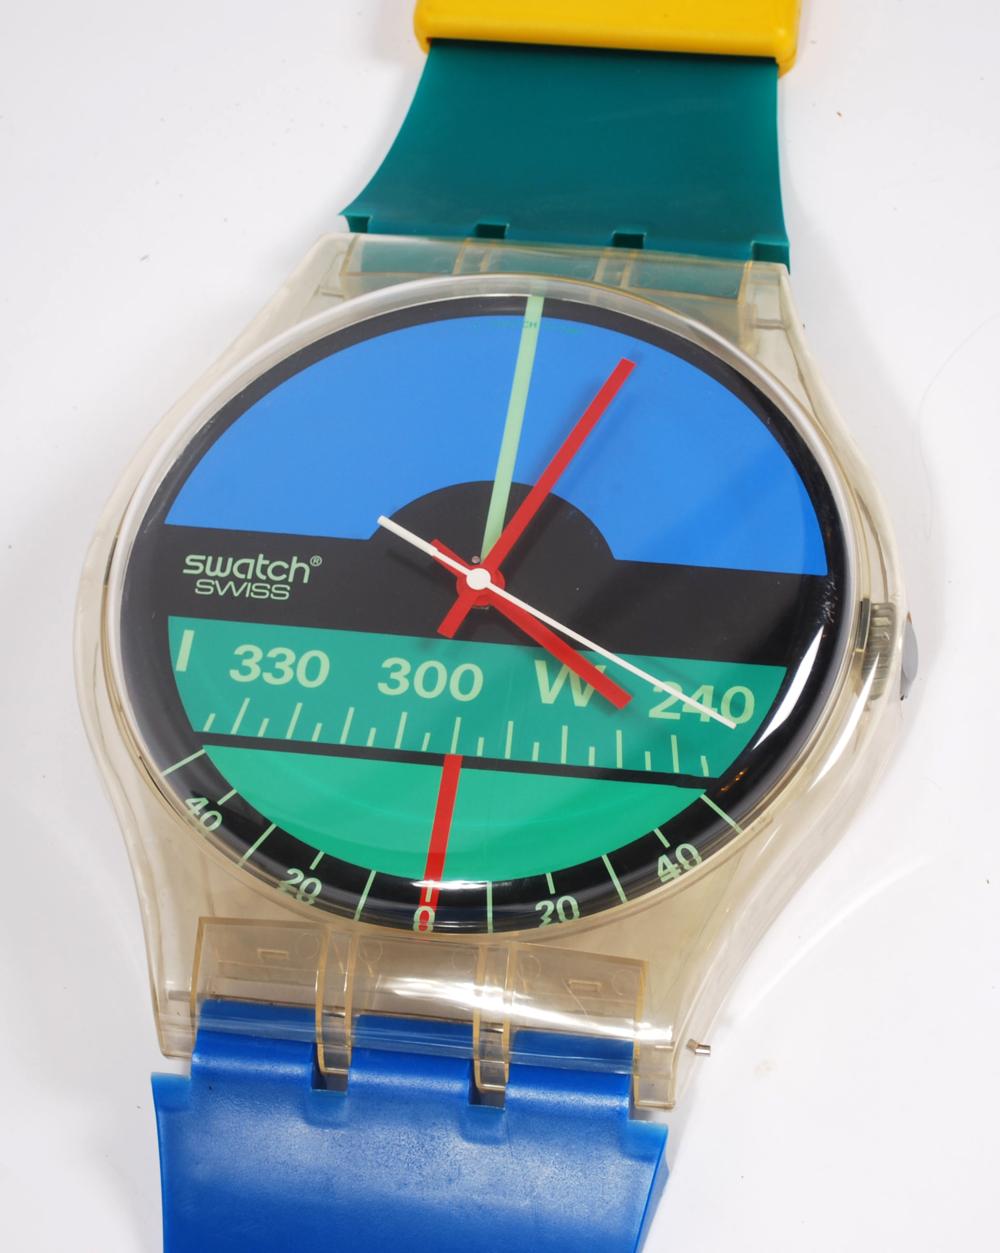 Maxi Swatch Nautilus Aqua Love clock 1986  - AVAILABLE